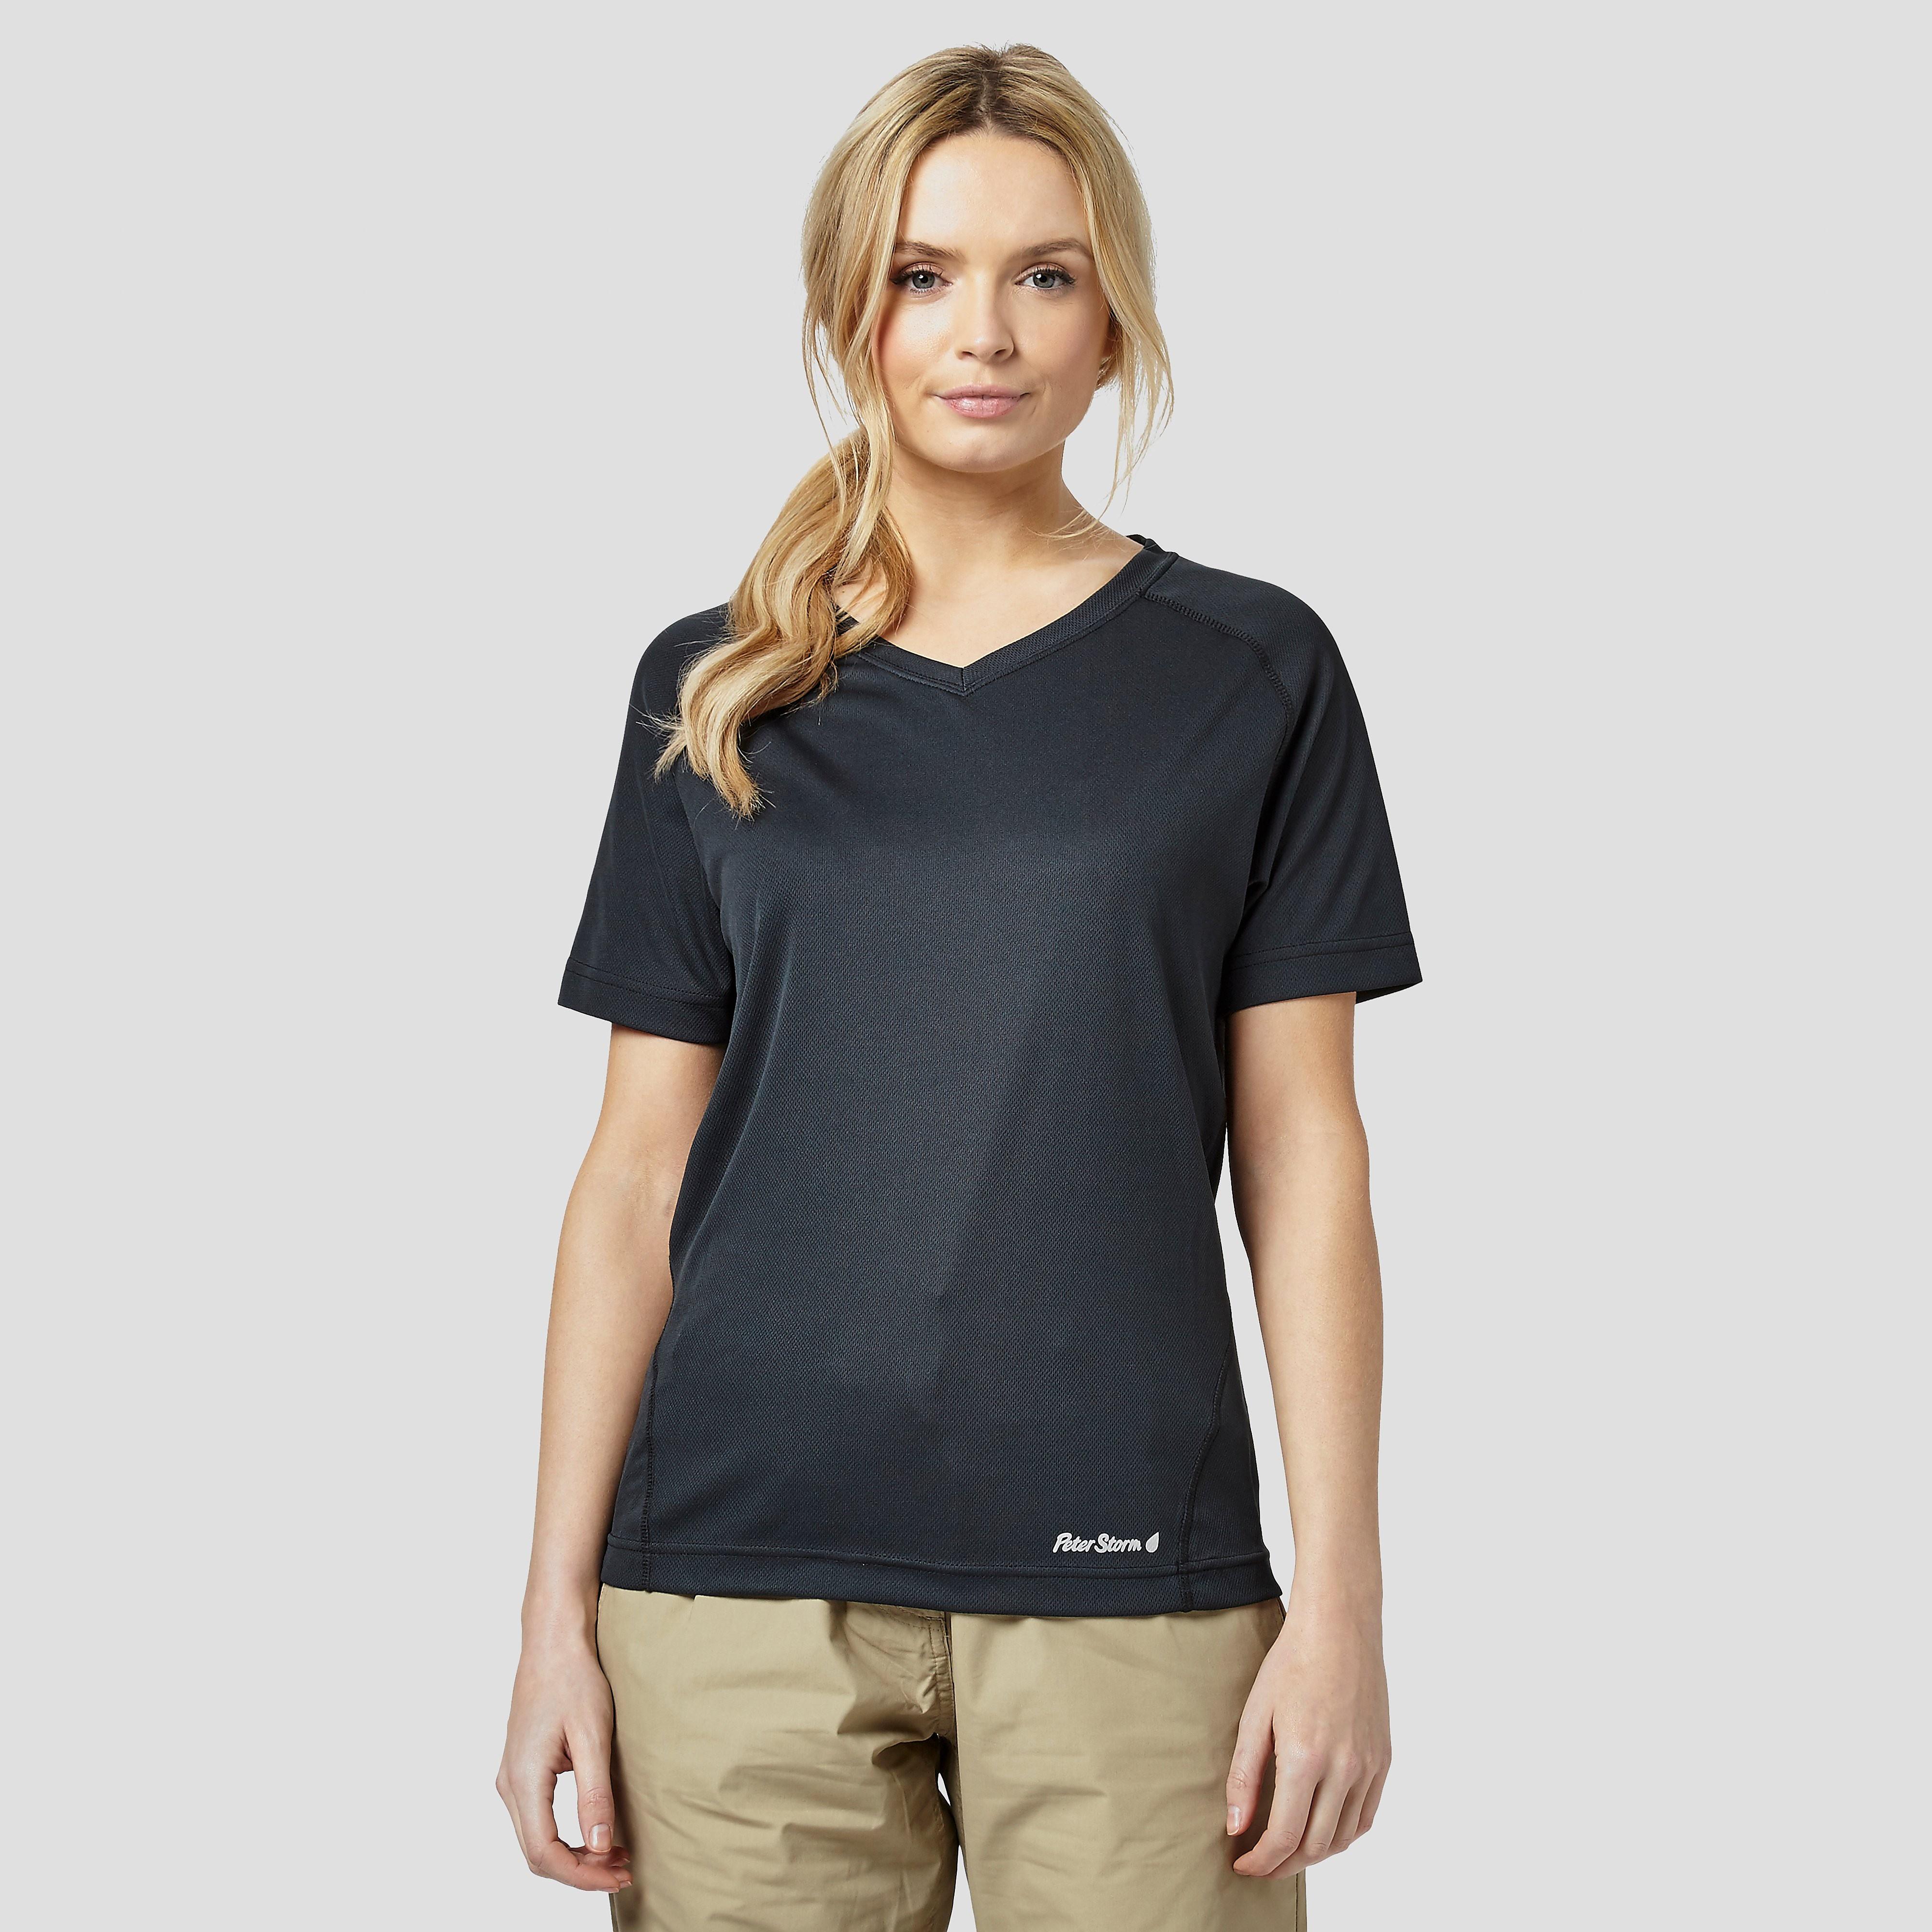 Peter Storm Tech V Neck Women's T-Shirt